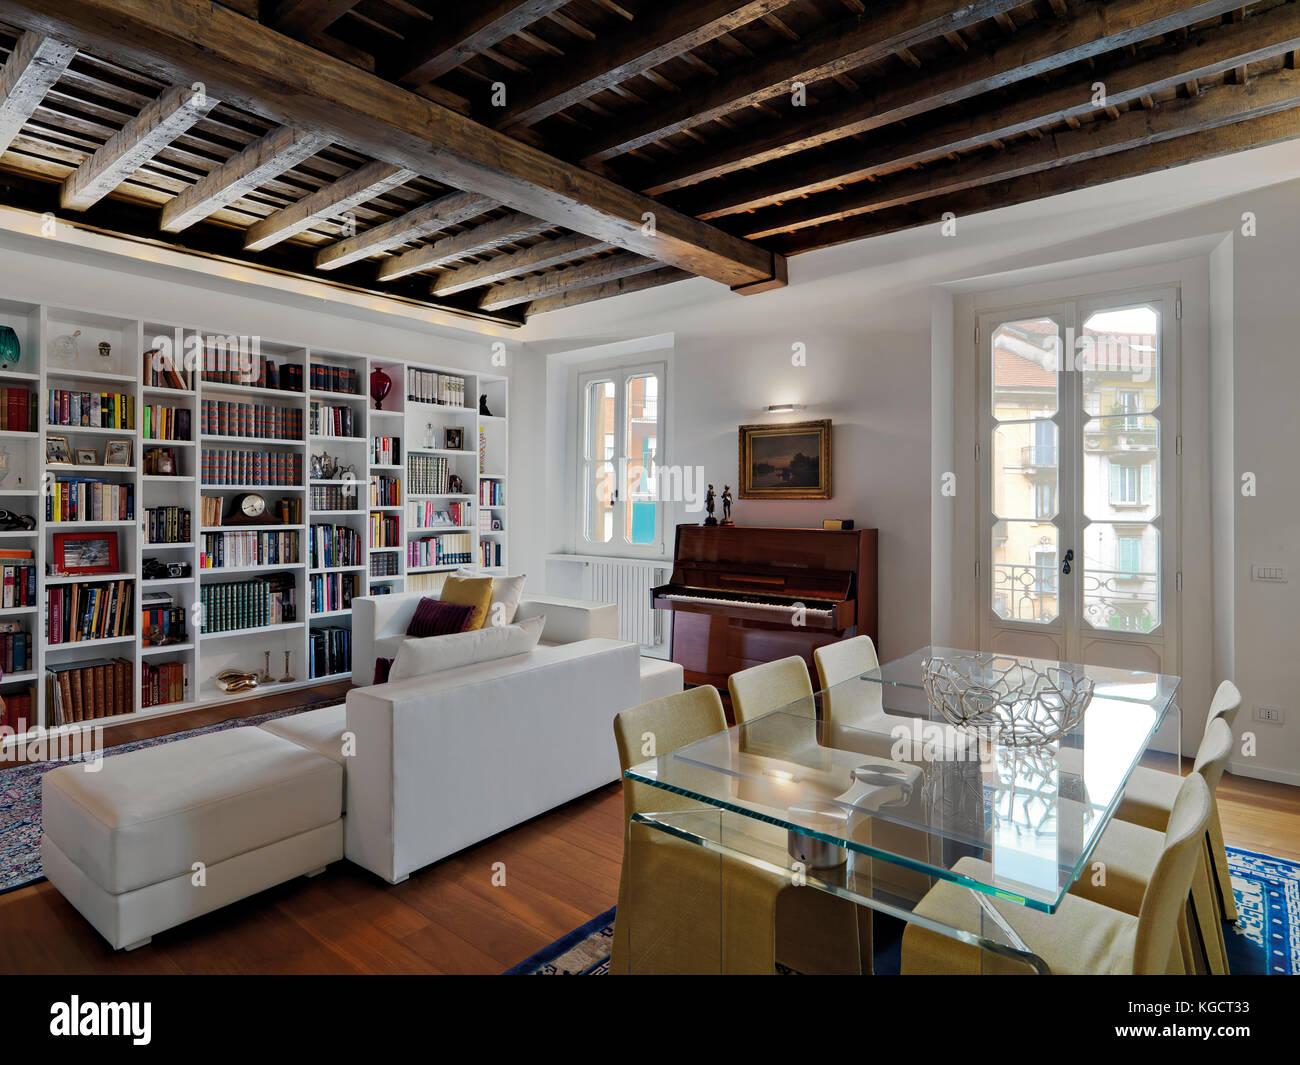 Interieur Aufnahmen von einem modernen Wohnzimmer mit Klavier und ...